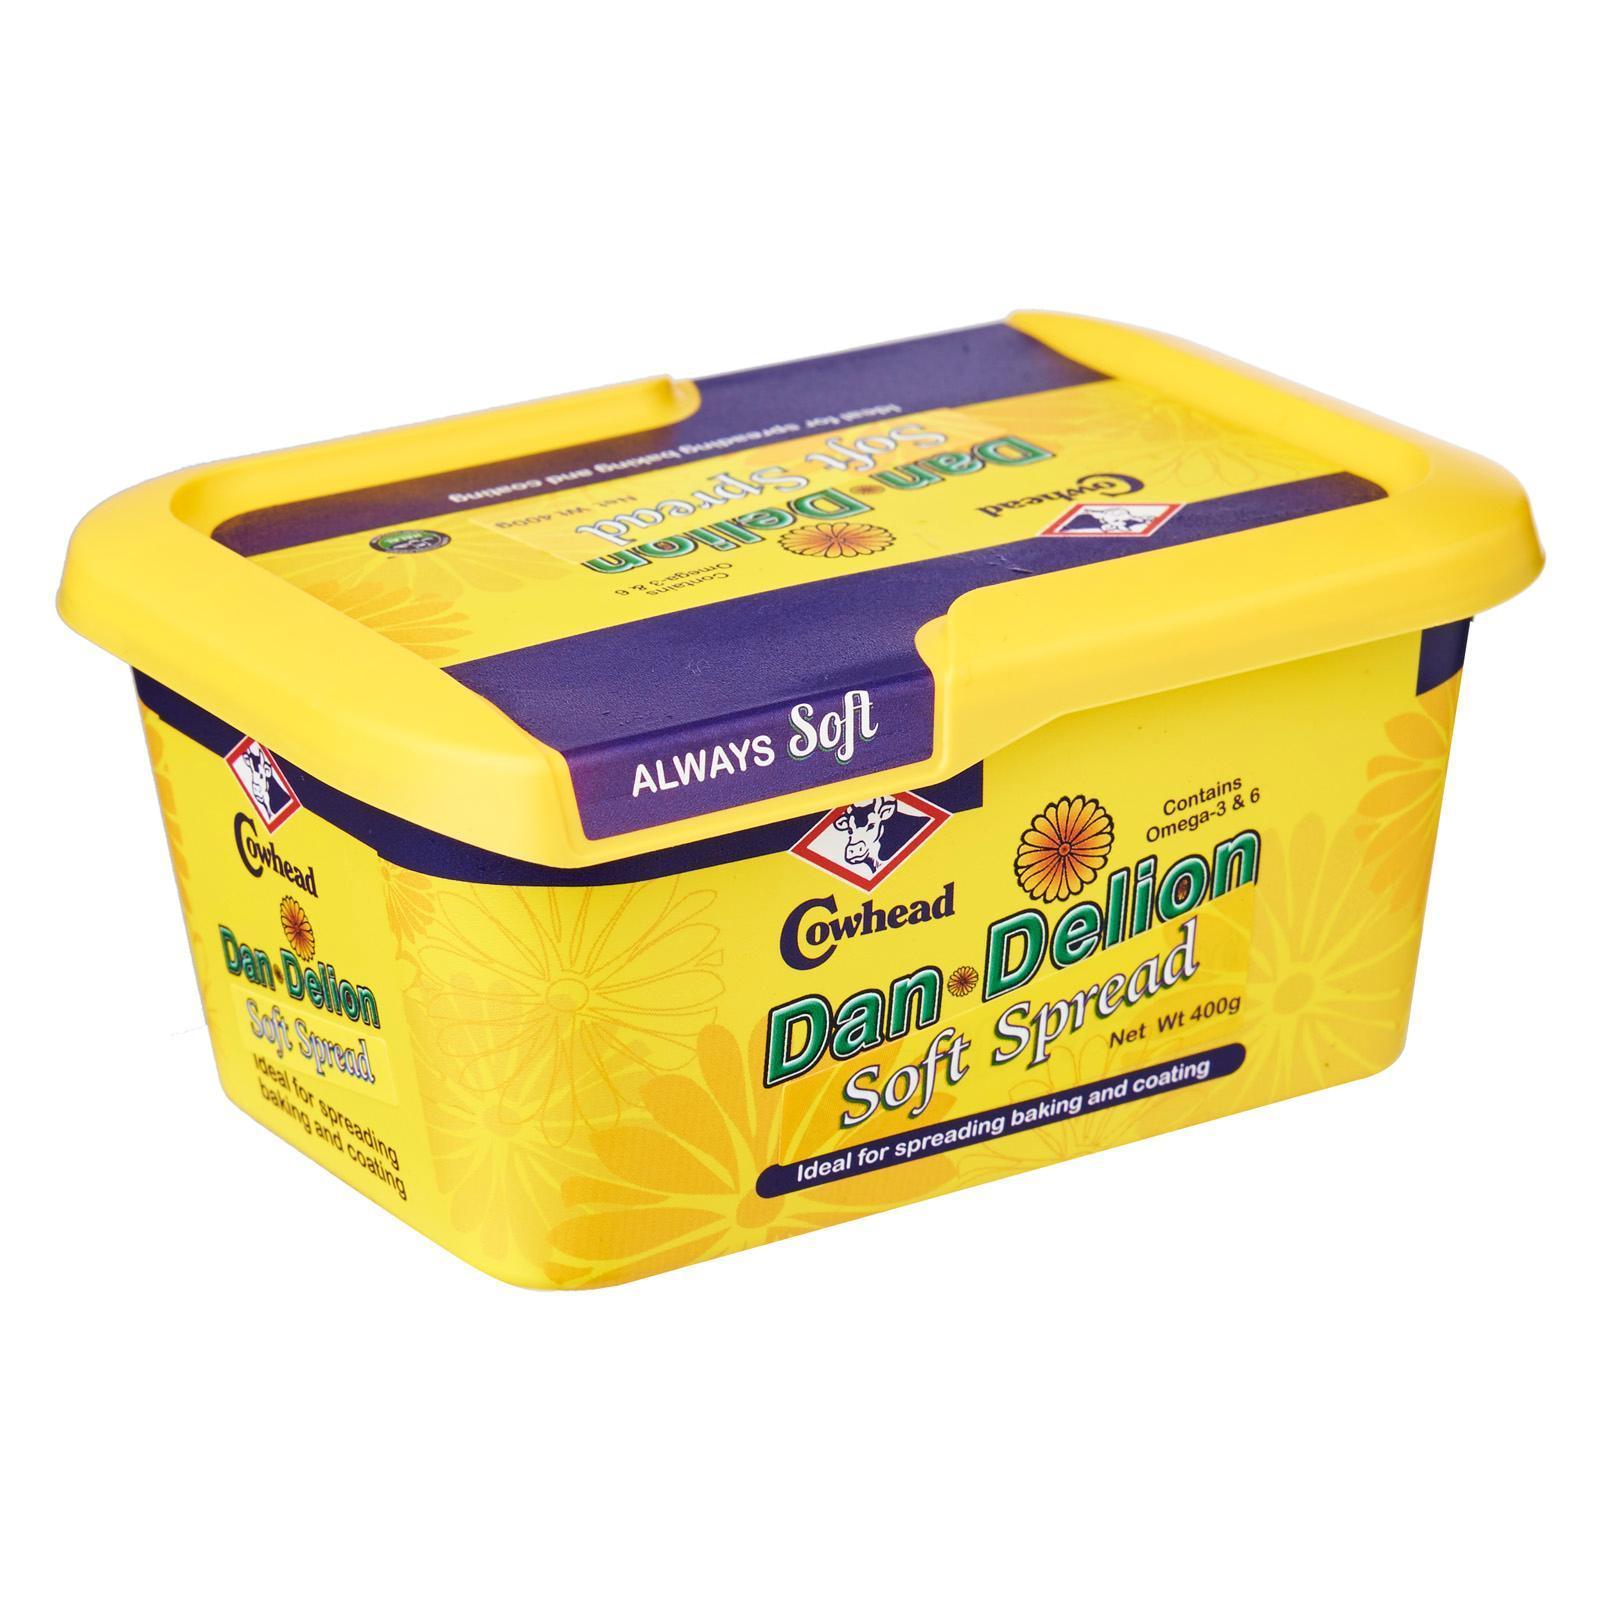 Cowhead Soft Dan-Delion Spread